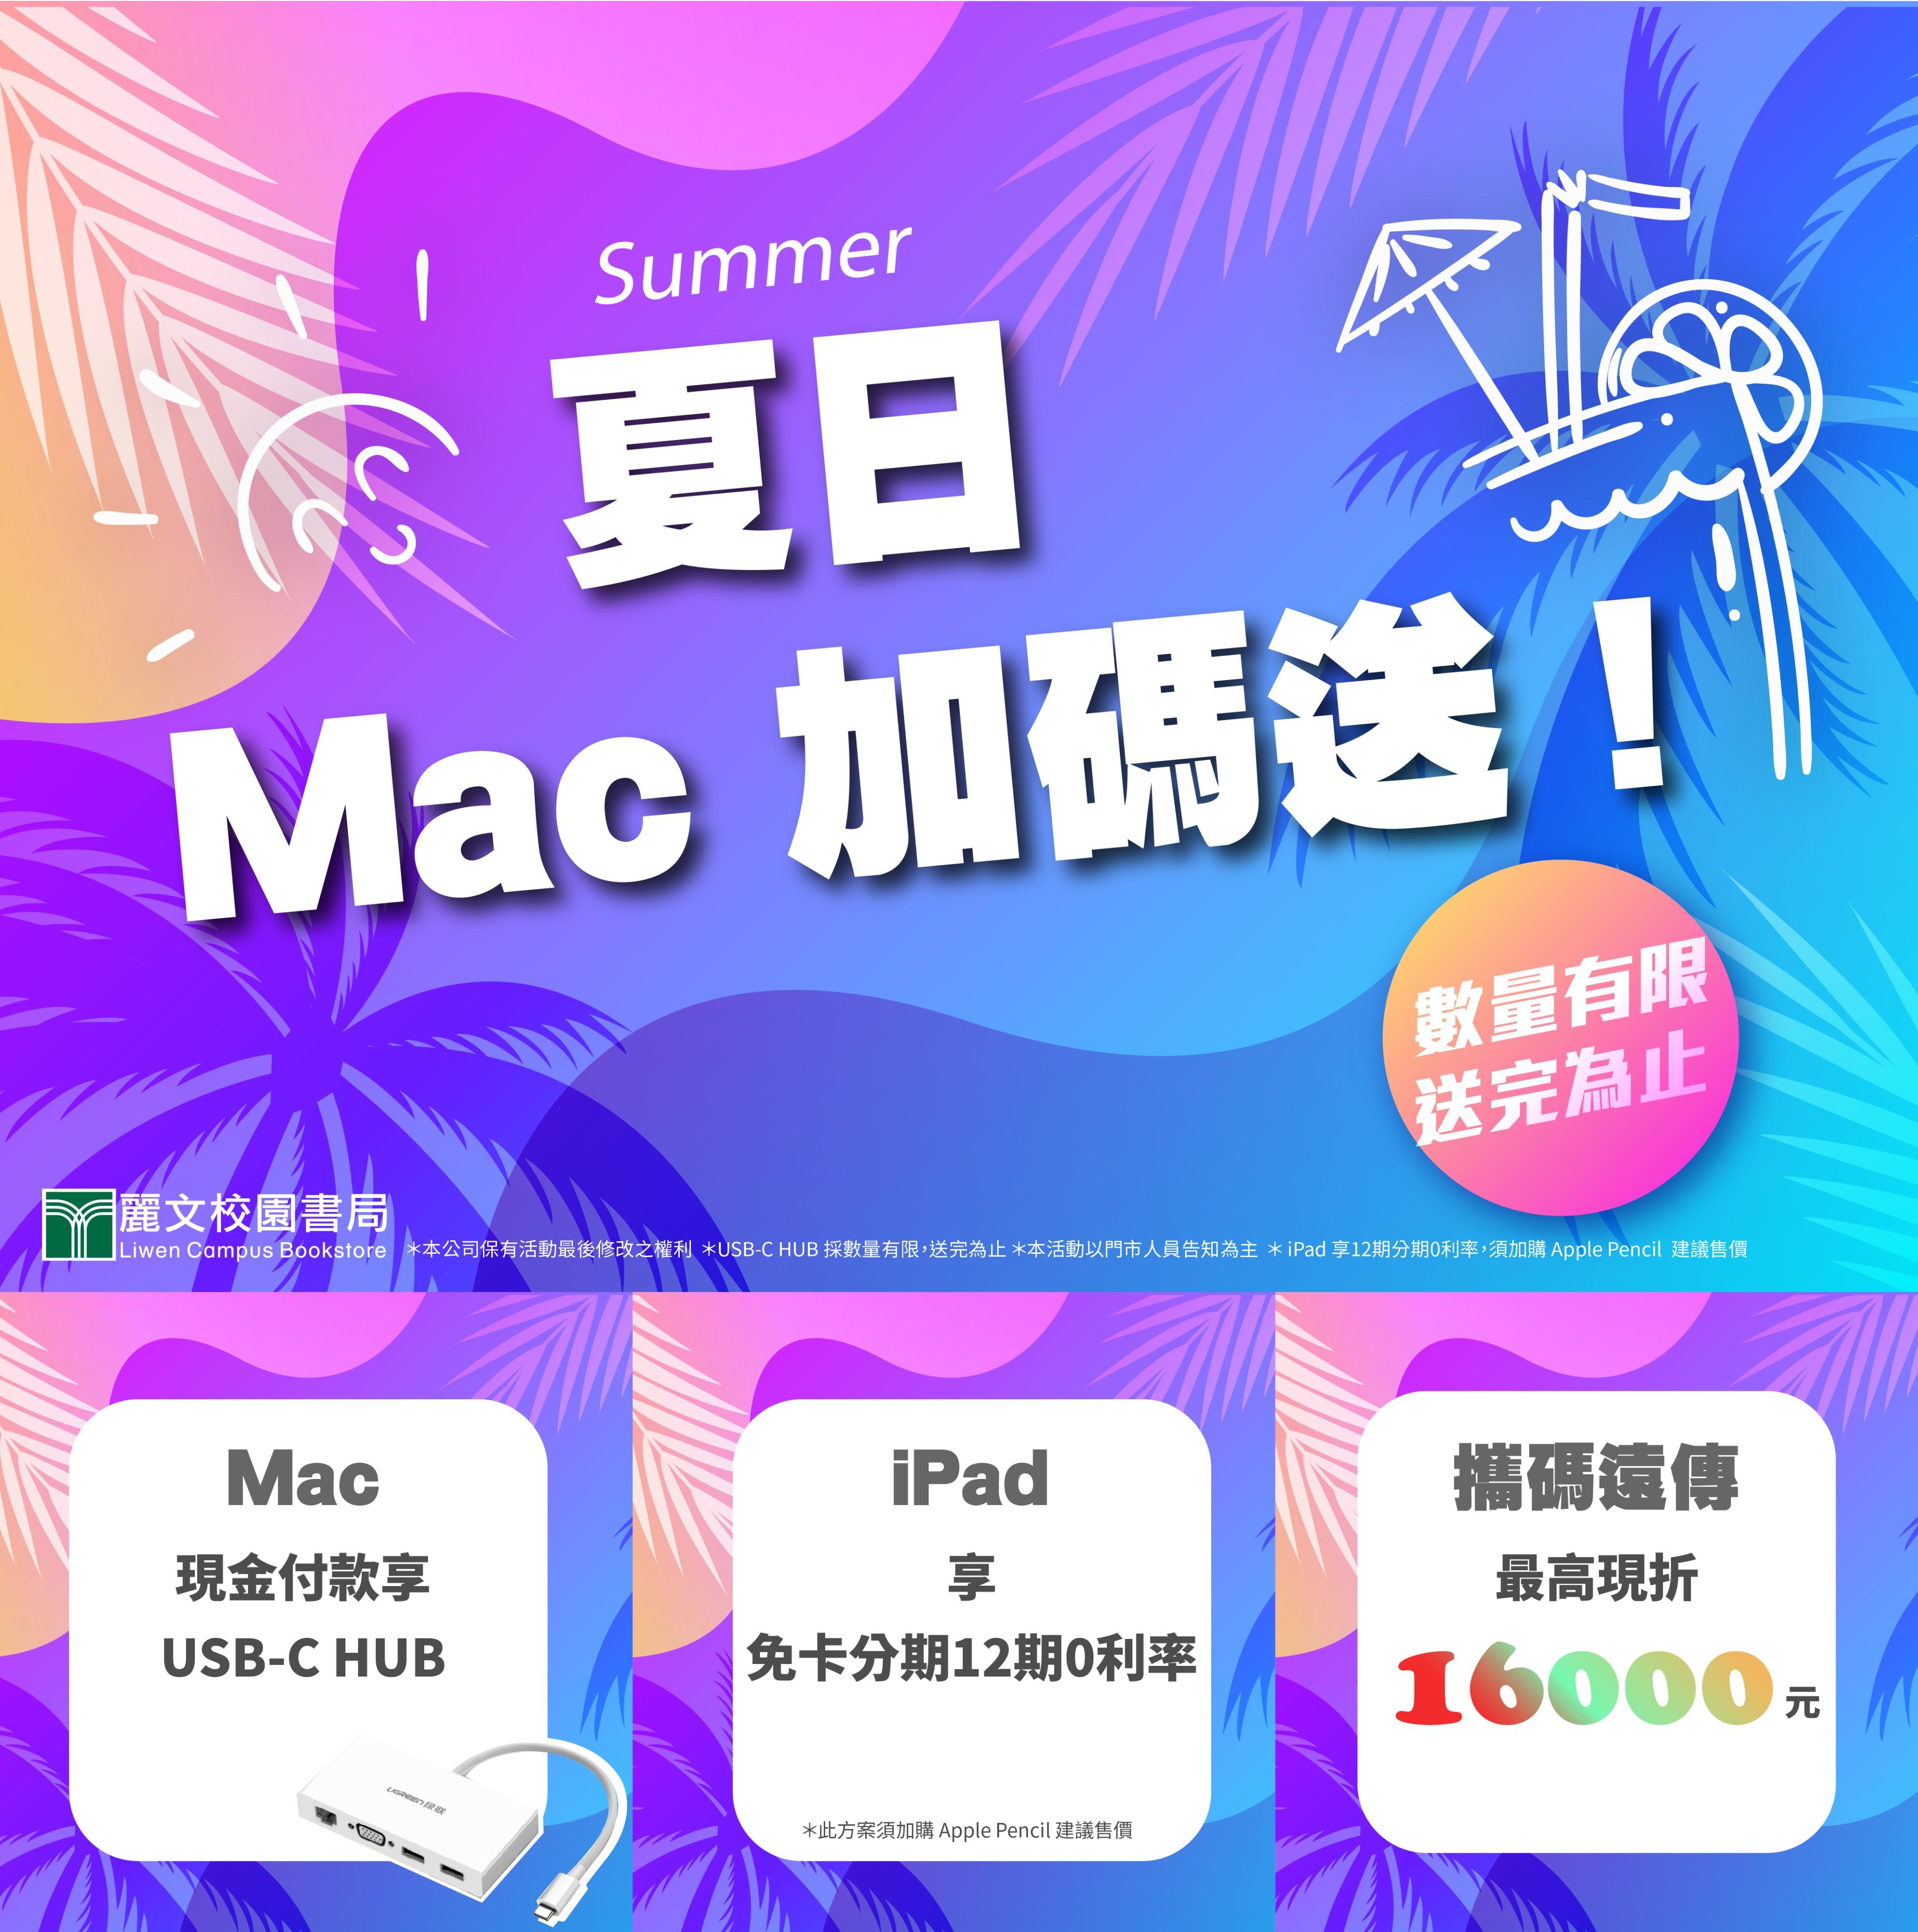 110.03.31 Mac加碼送_給大家看的示意圖.jpg